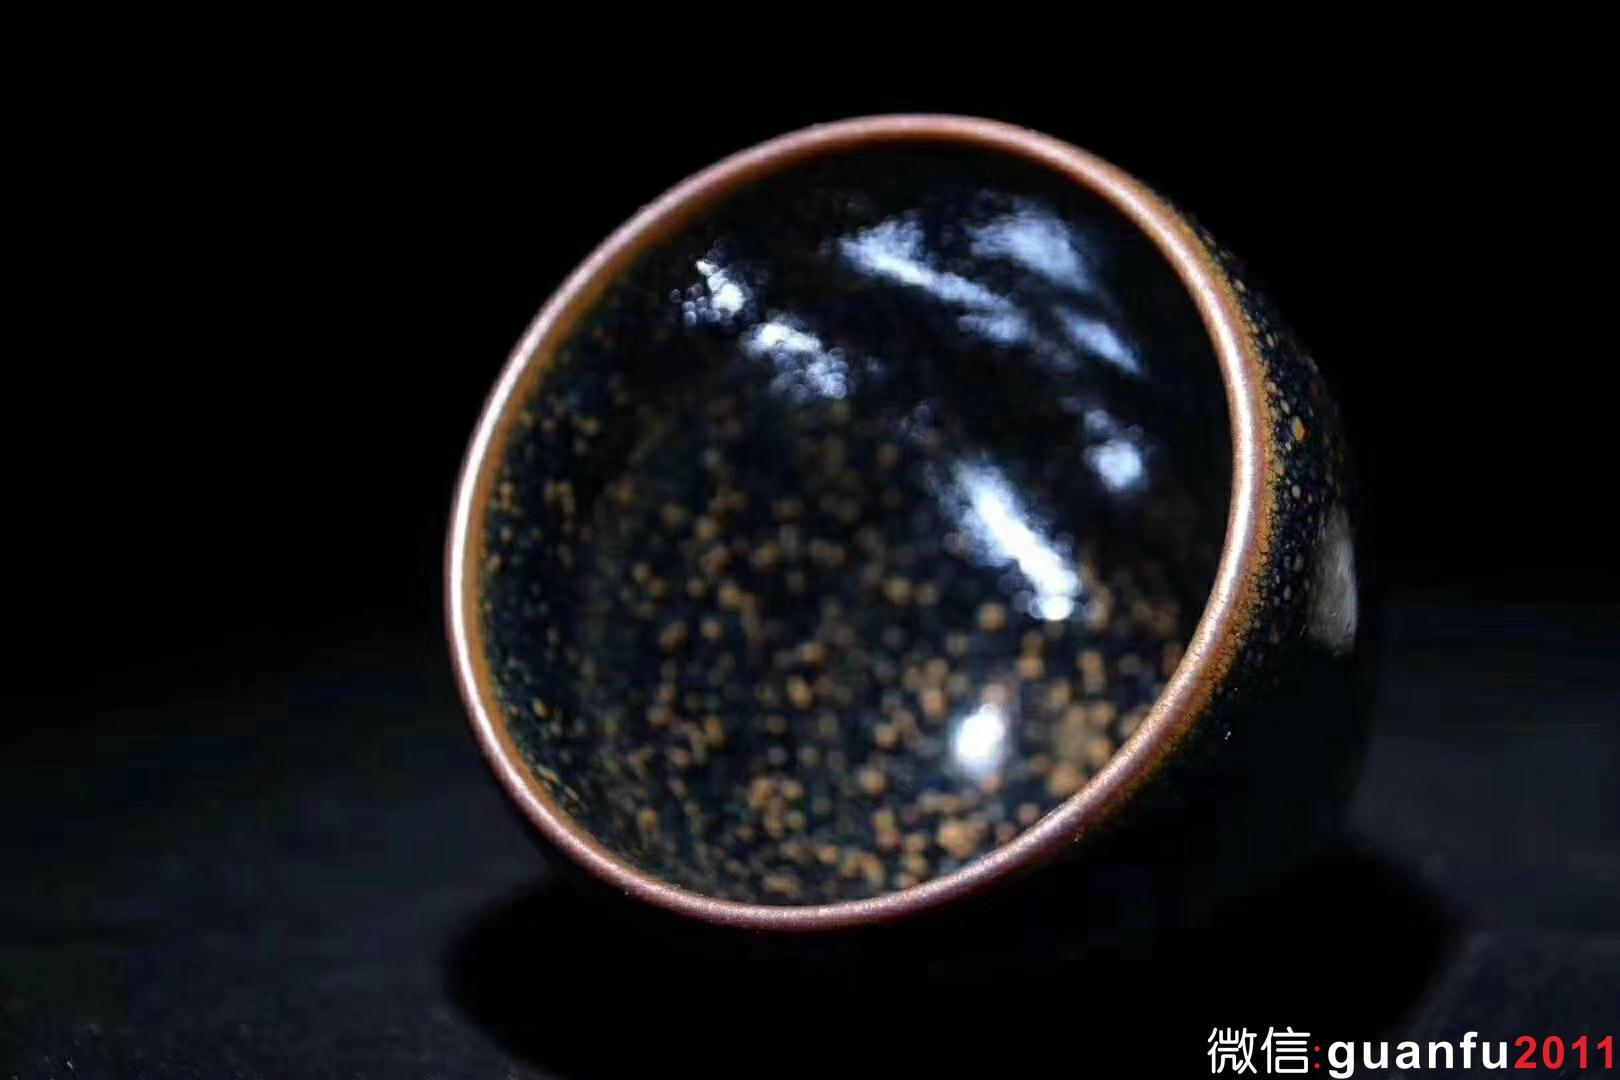 廖铭老师 夜幕 闻香杯6.5X6.8